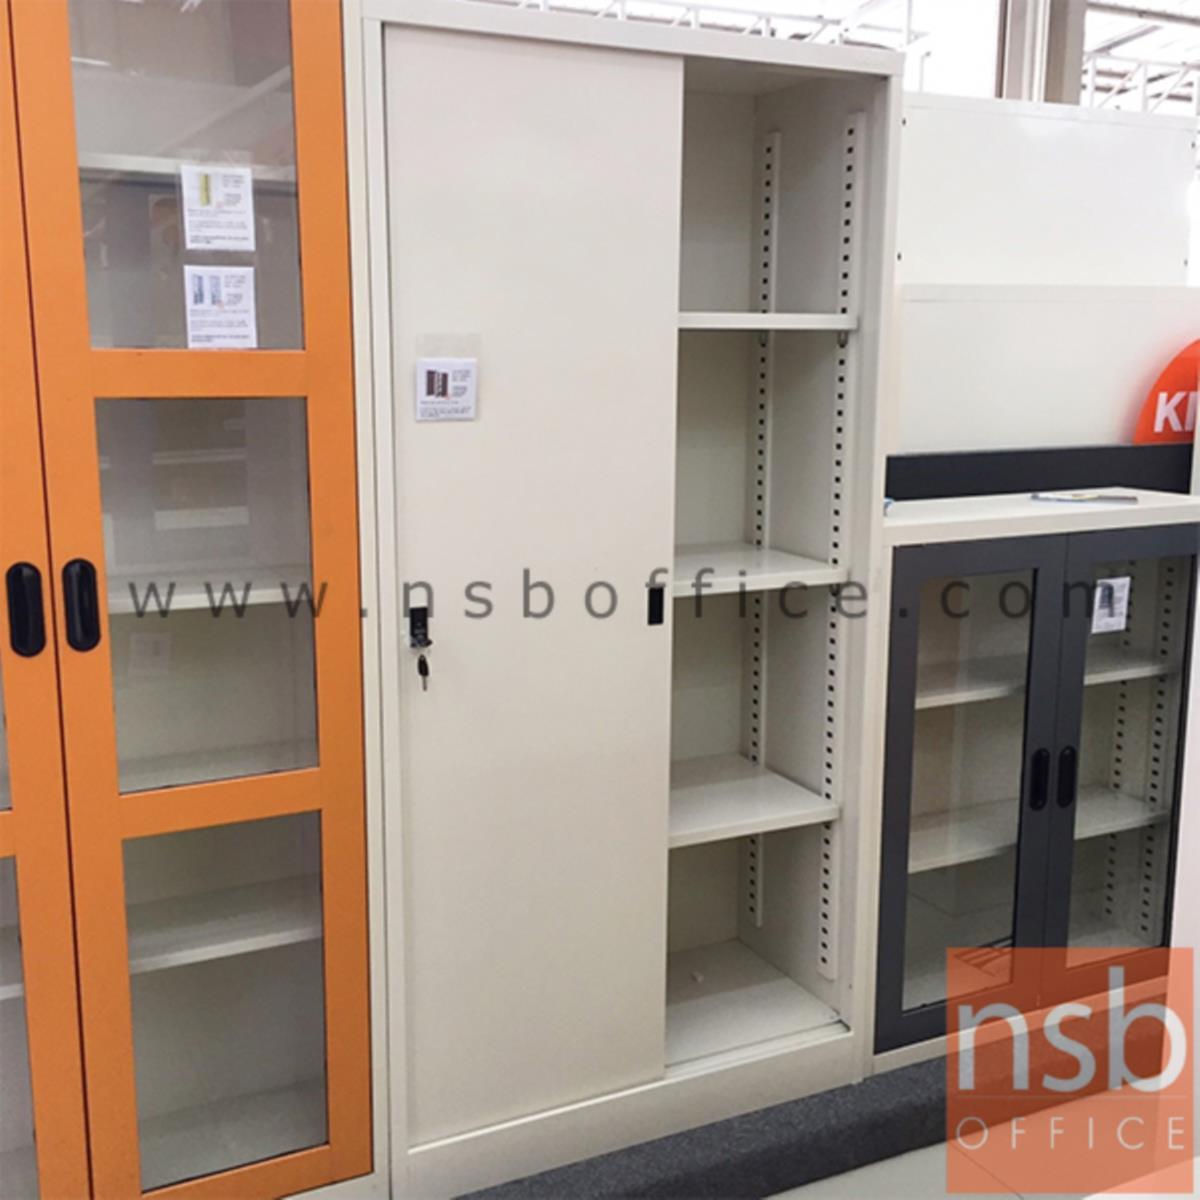 ตู้บานเลื่อนทึบ สูง 183 ซม. รุ่น SOD-18